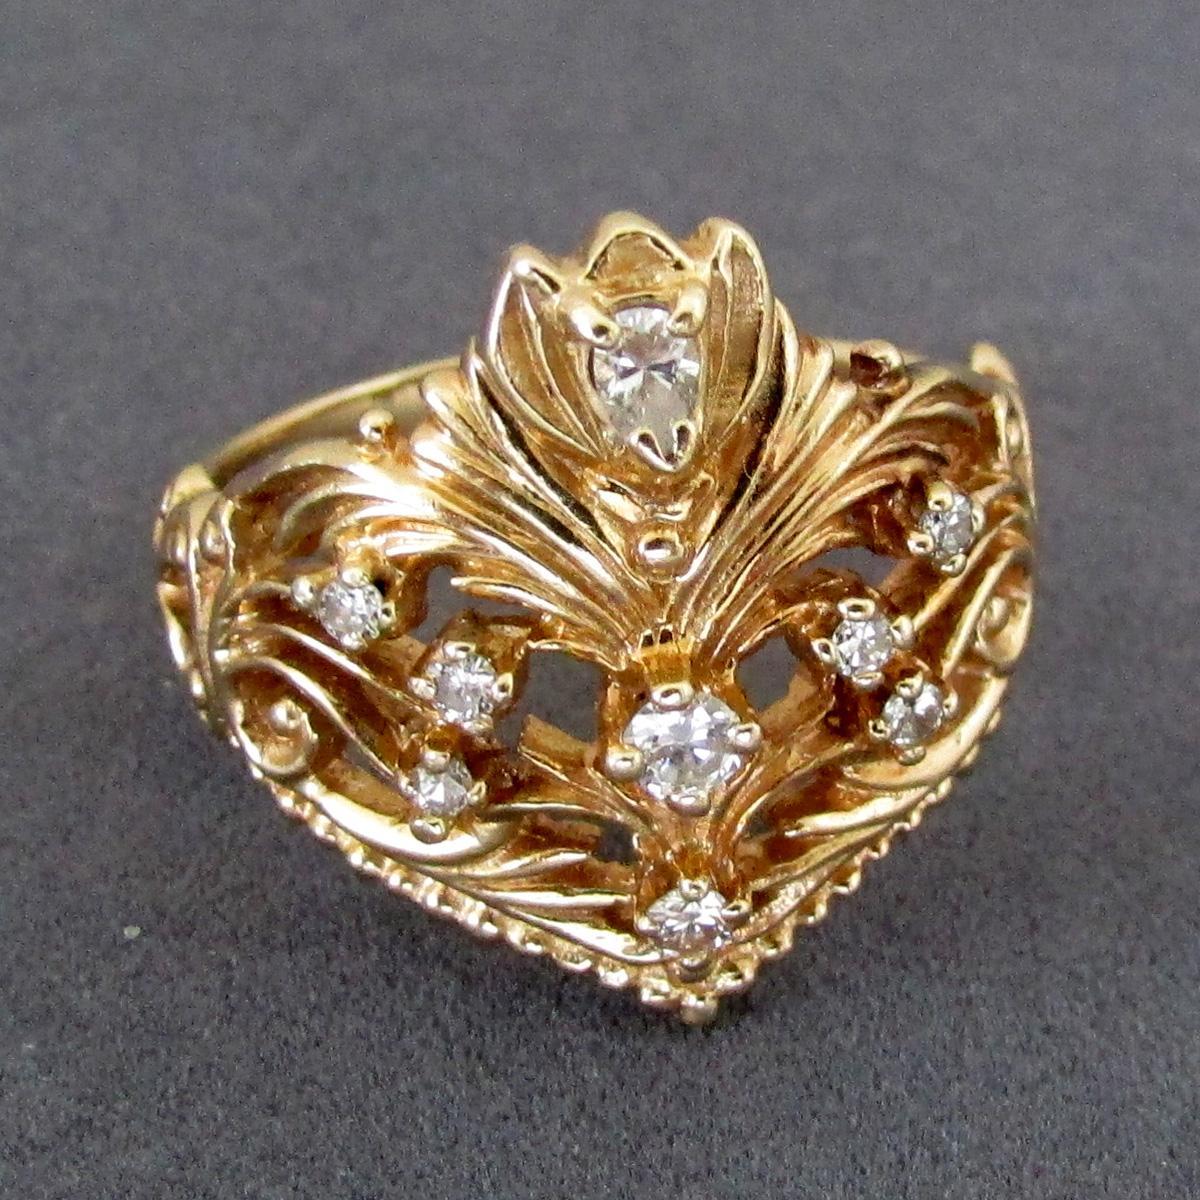 Faberge Diamond Tiara Ring